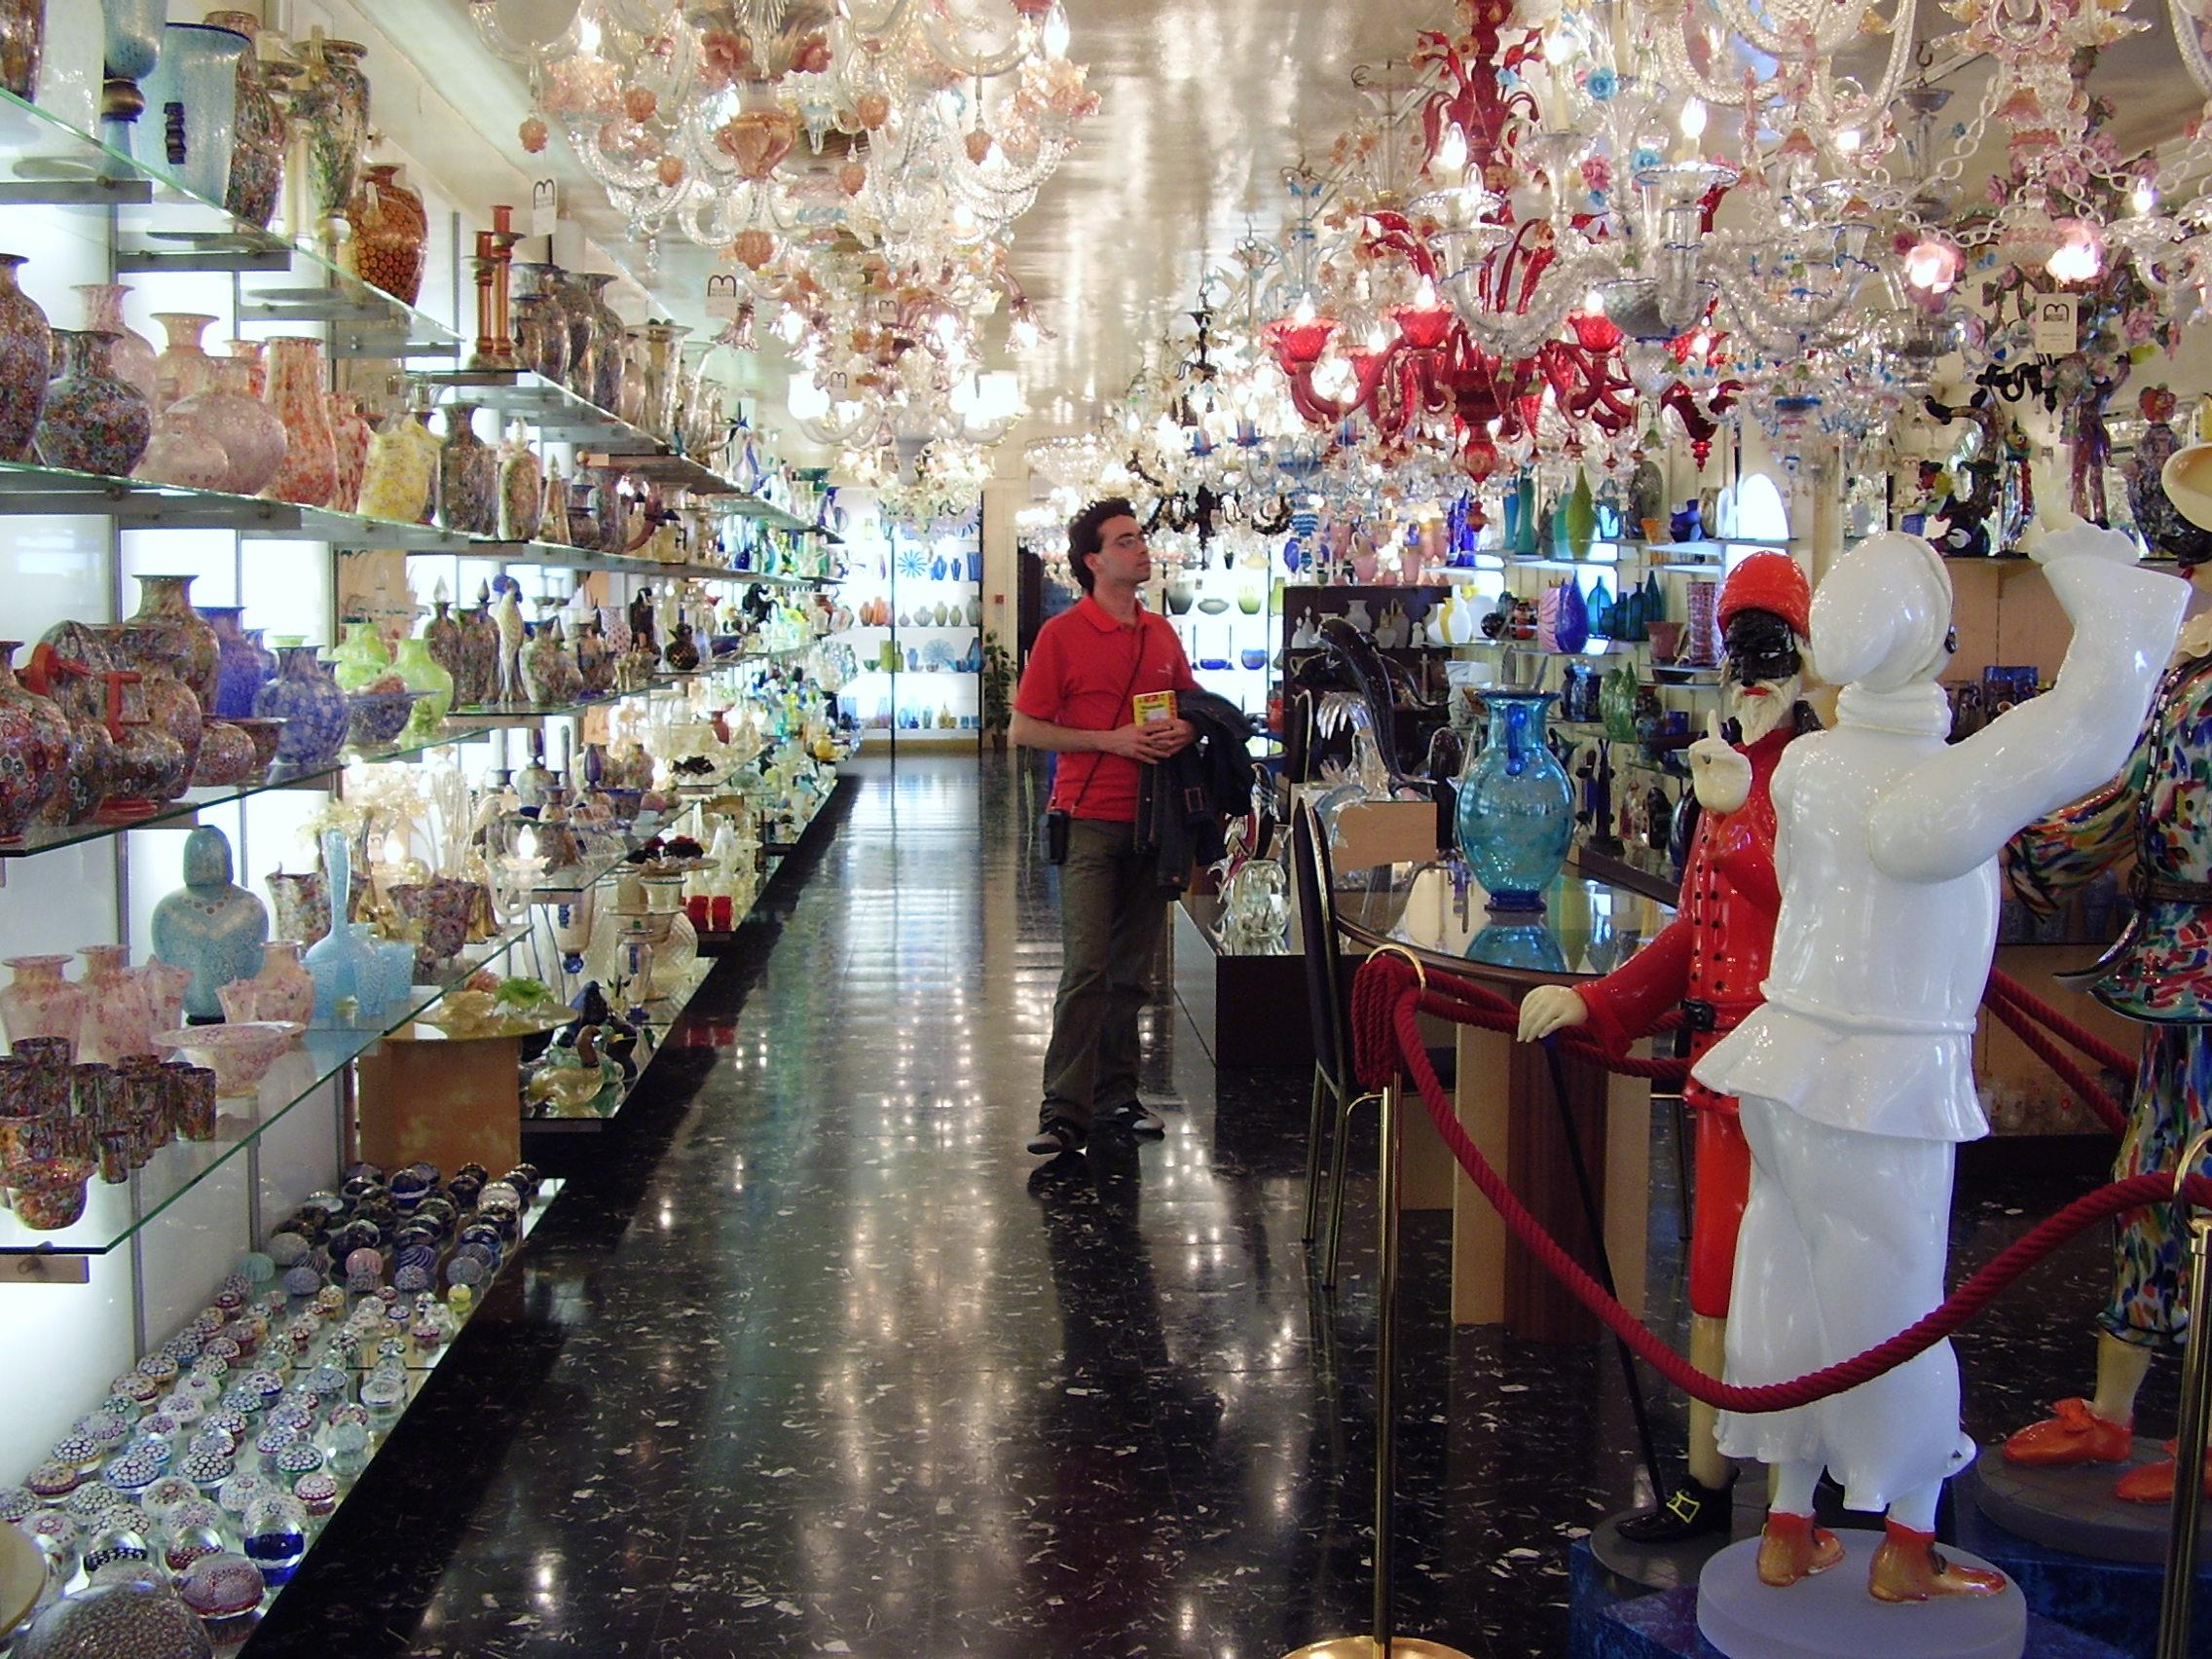 Завод муранского стекла - частная экскурсия по Венеции